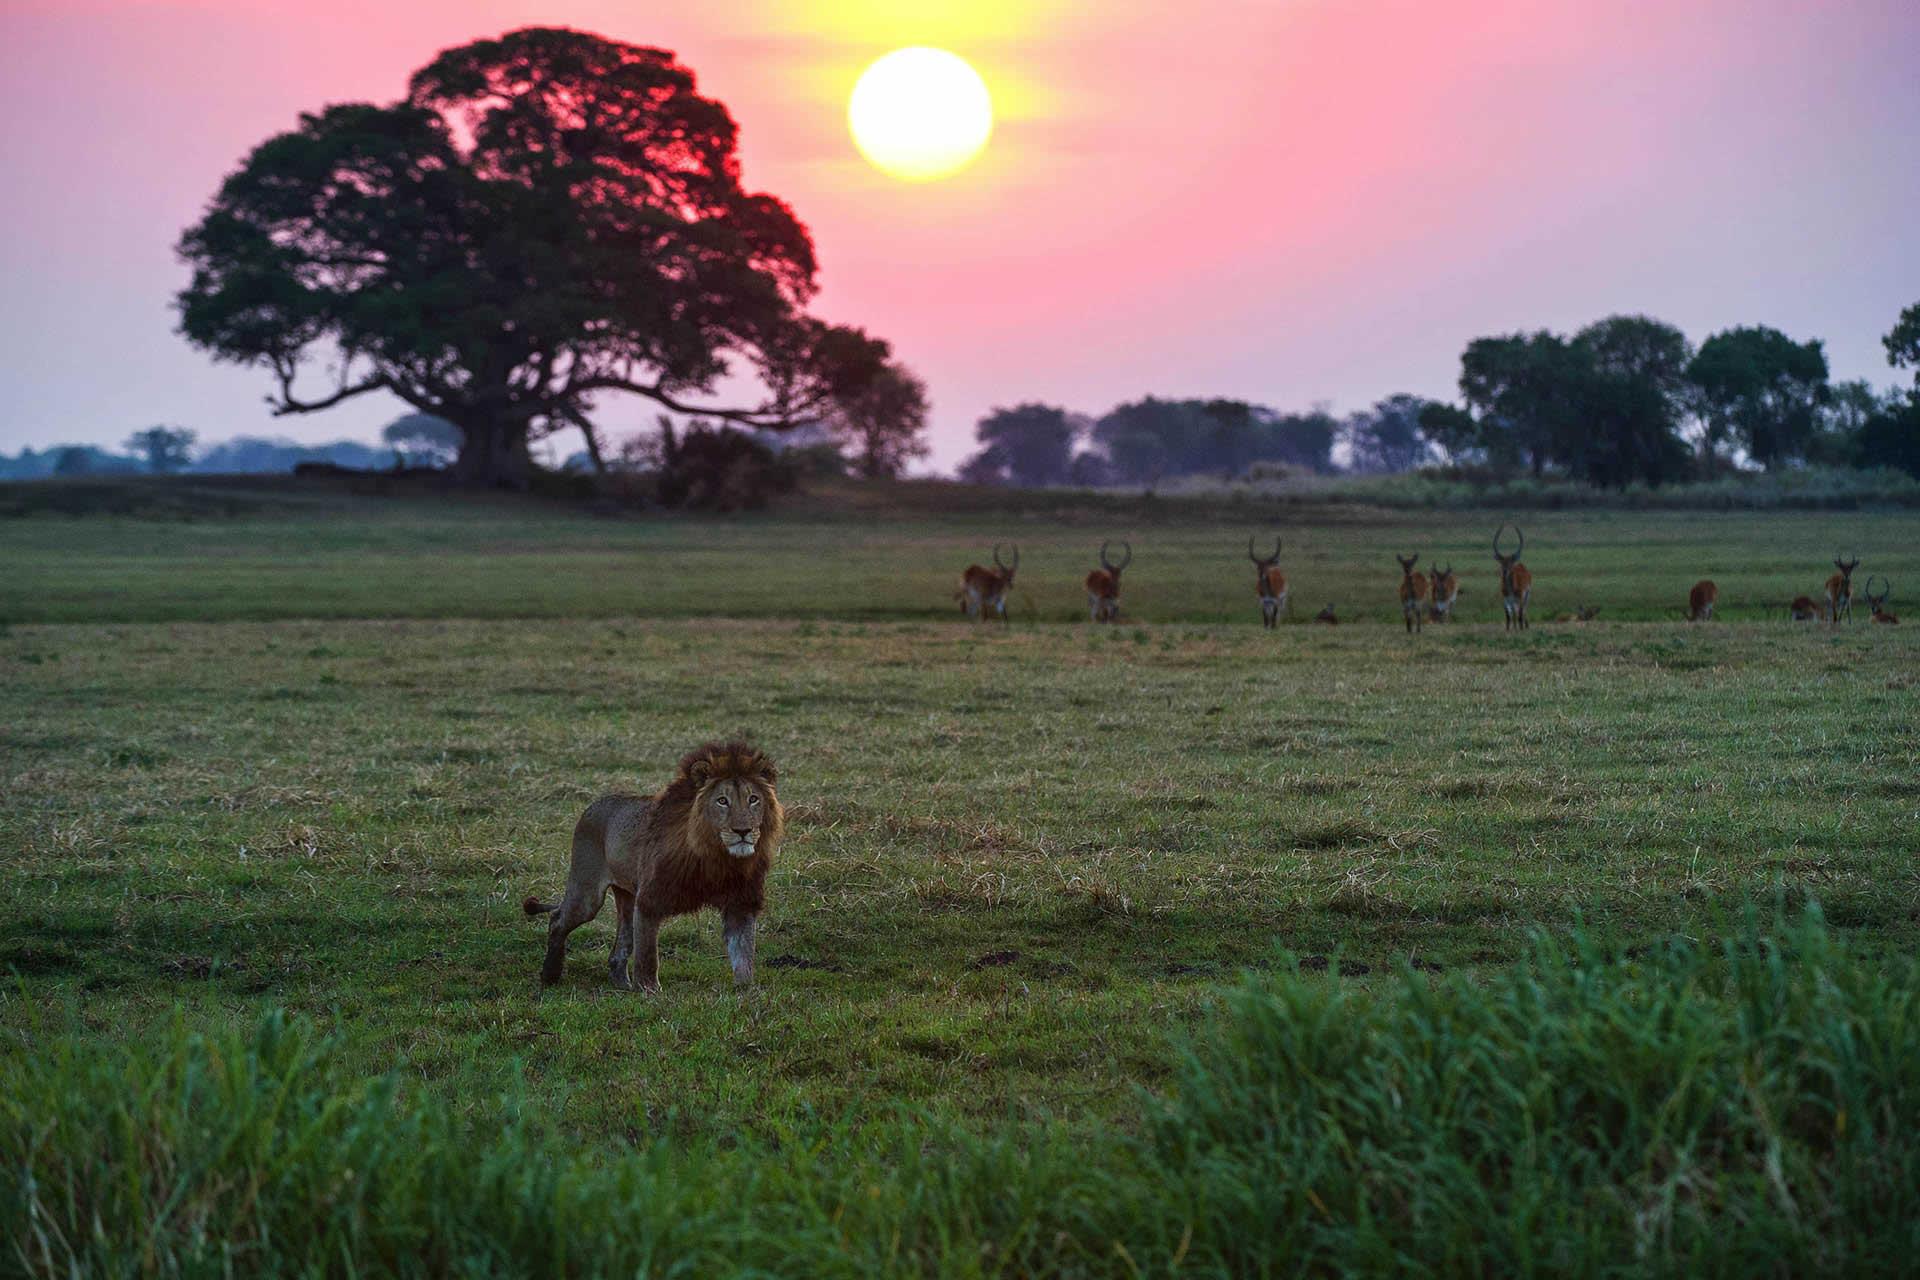 Zambia Busanga Bush Camp lion at sunset